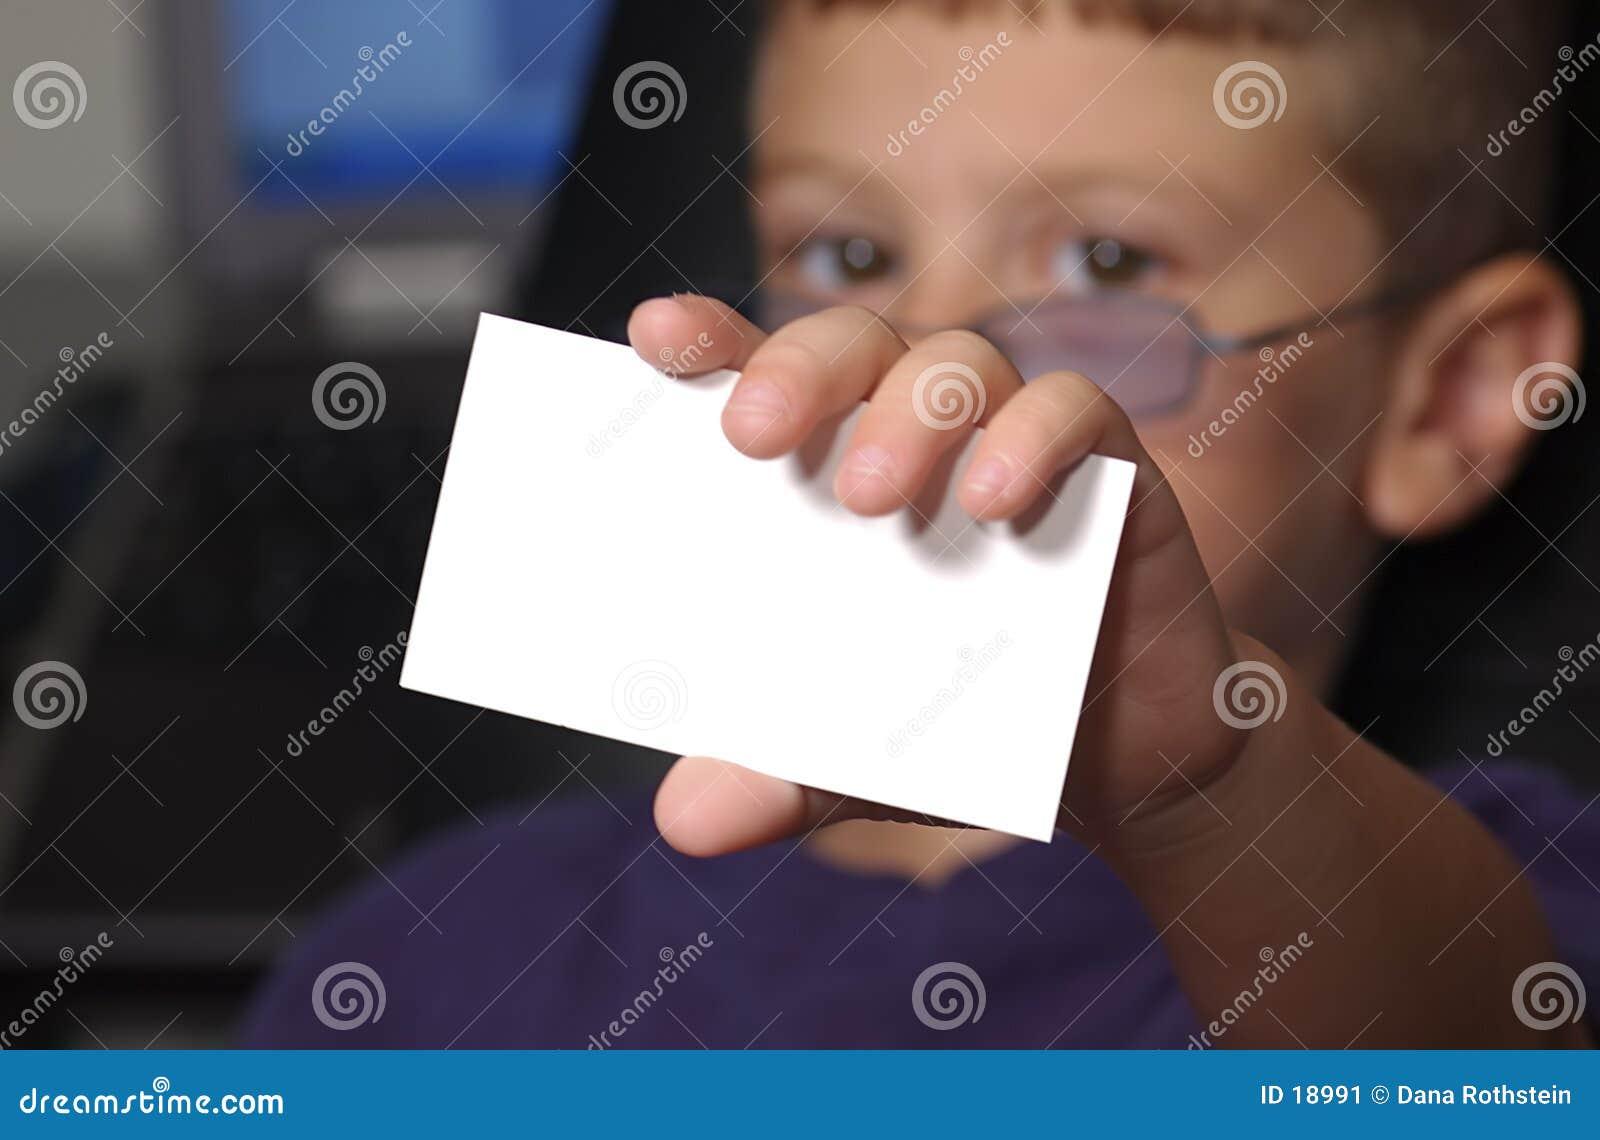 Card mitt